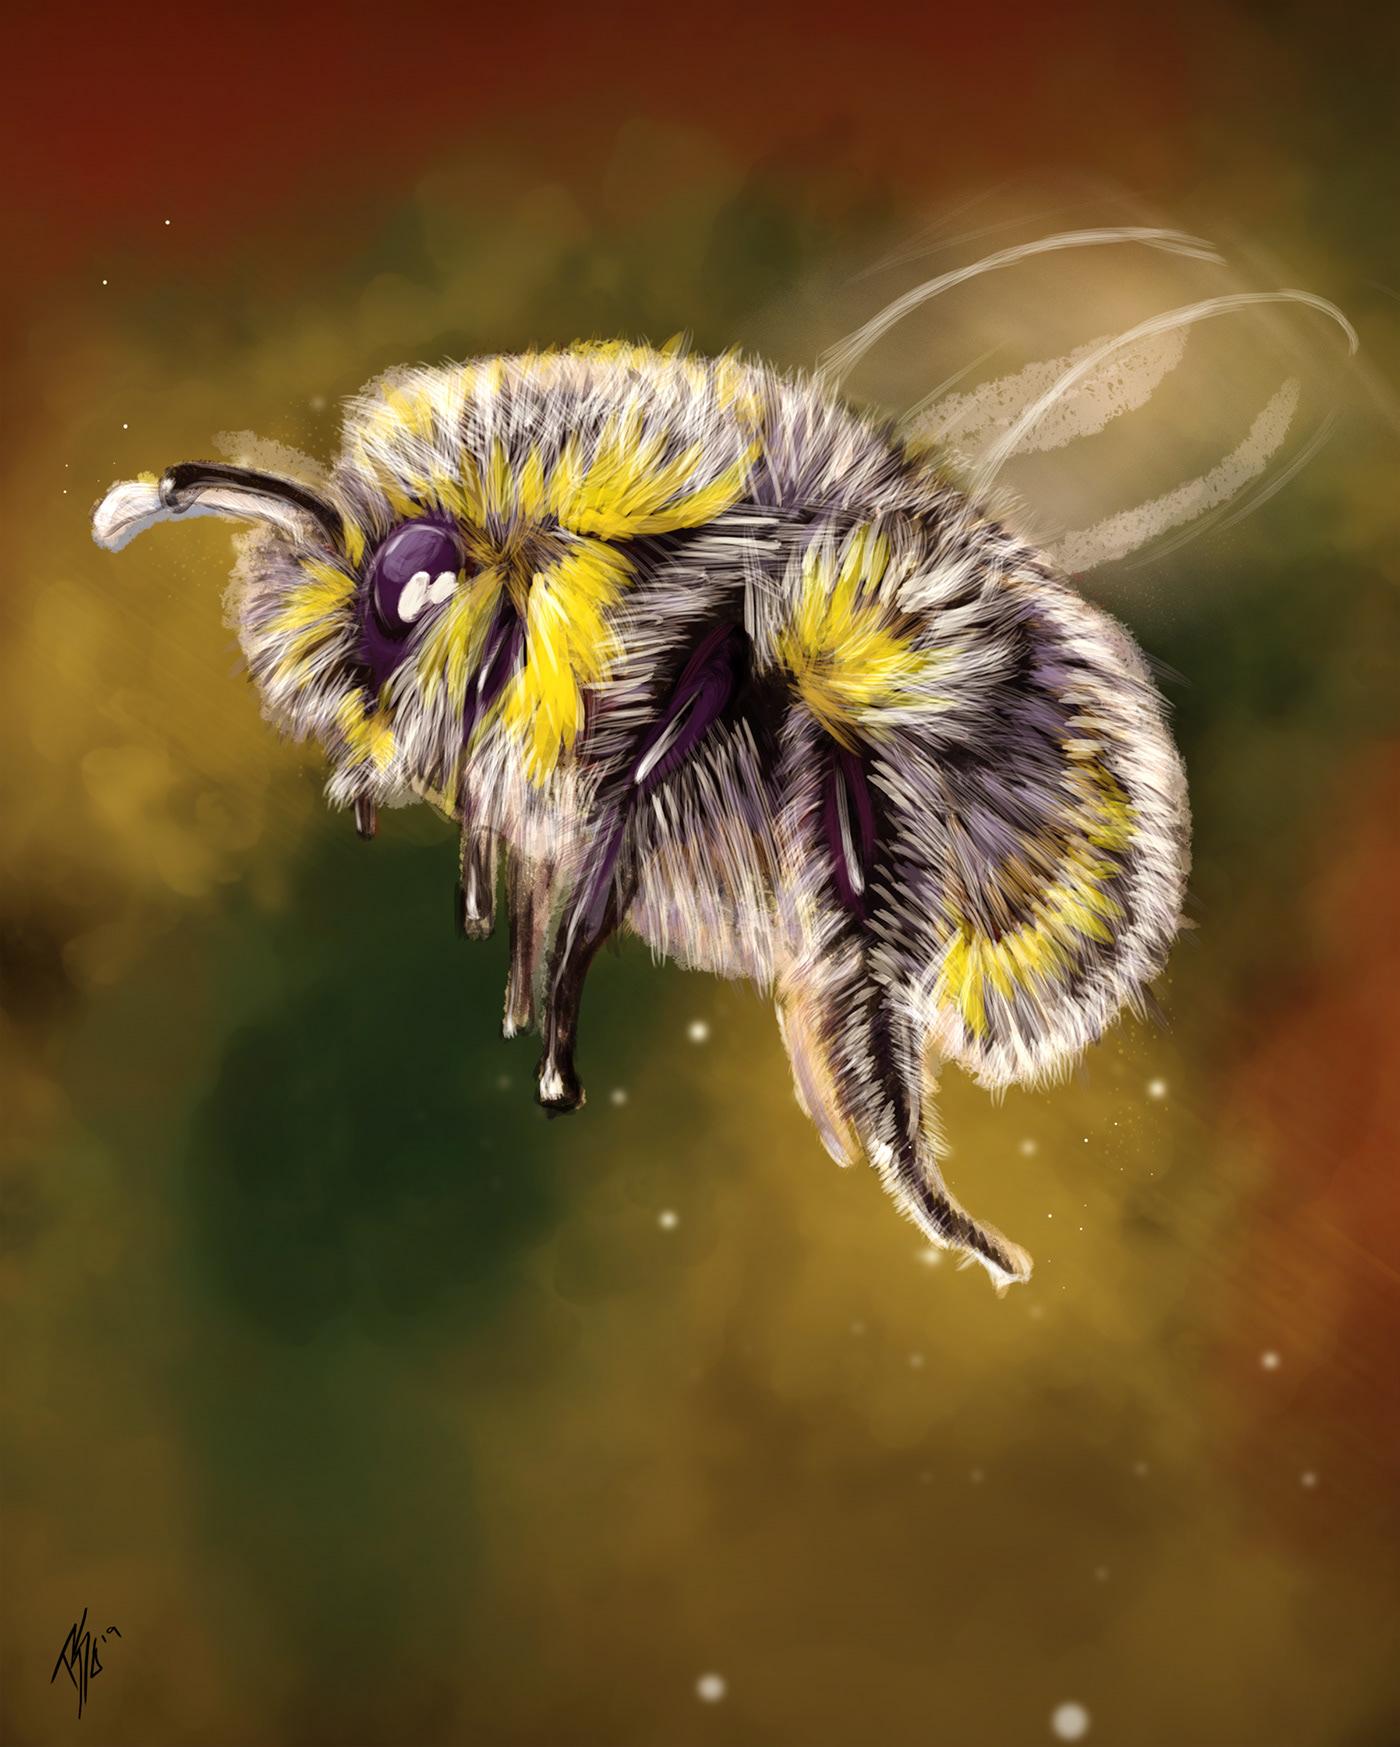 ILLUSTRATION  photoshop Goro brushes custom brushes painting   Bumble Bee animation